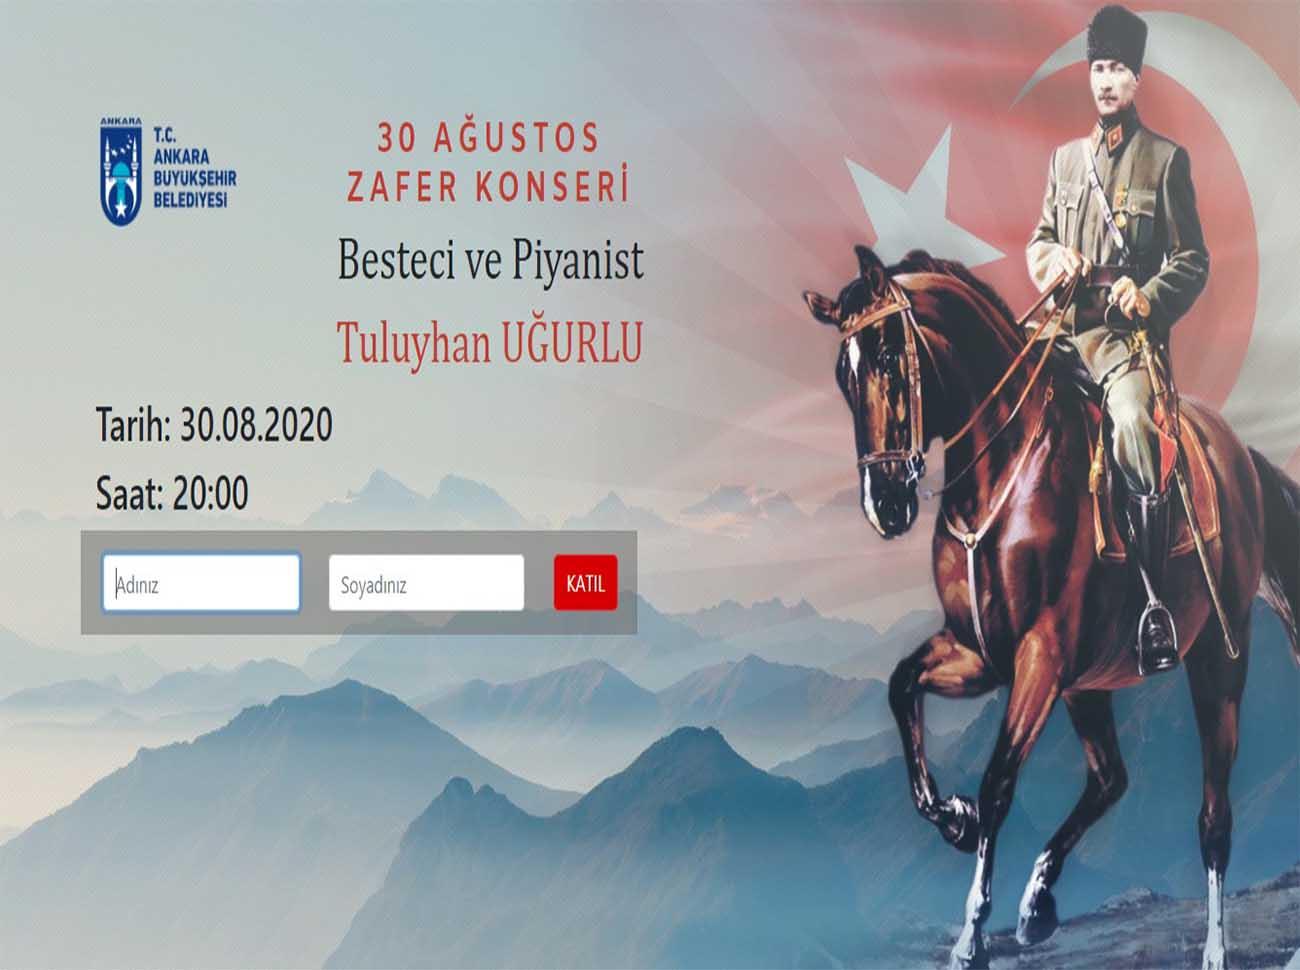 Ankara Büyükşehir Belediyesi'nden 30 Ağustos Zafer Konseri İçin Hatıra Bileti